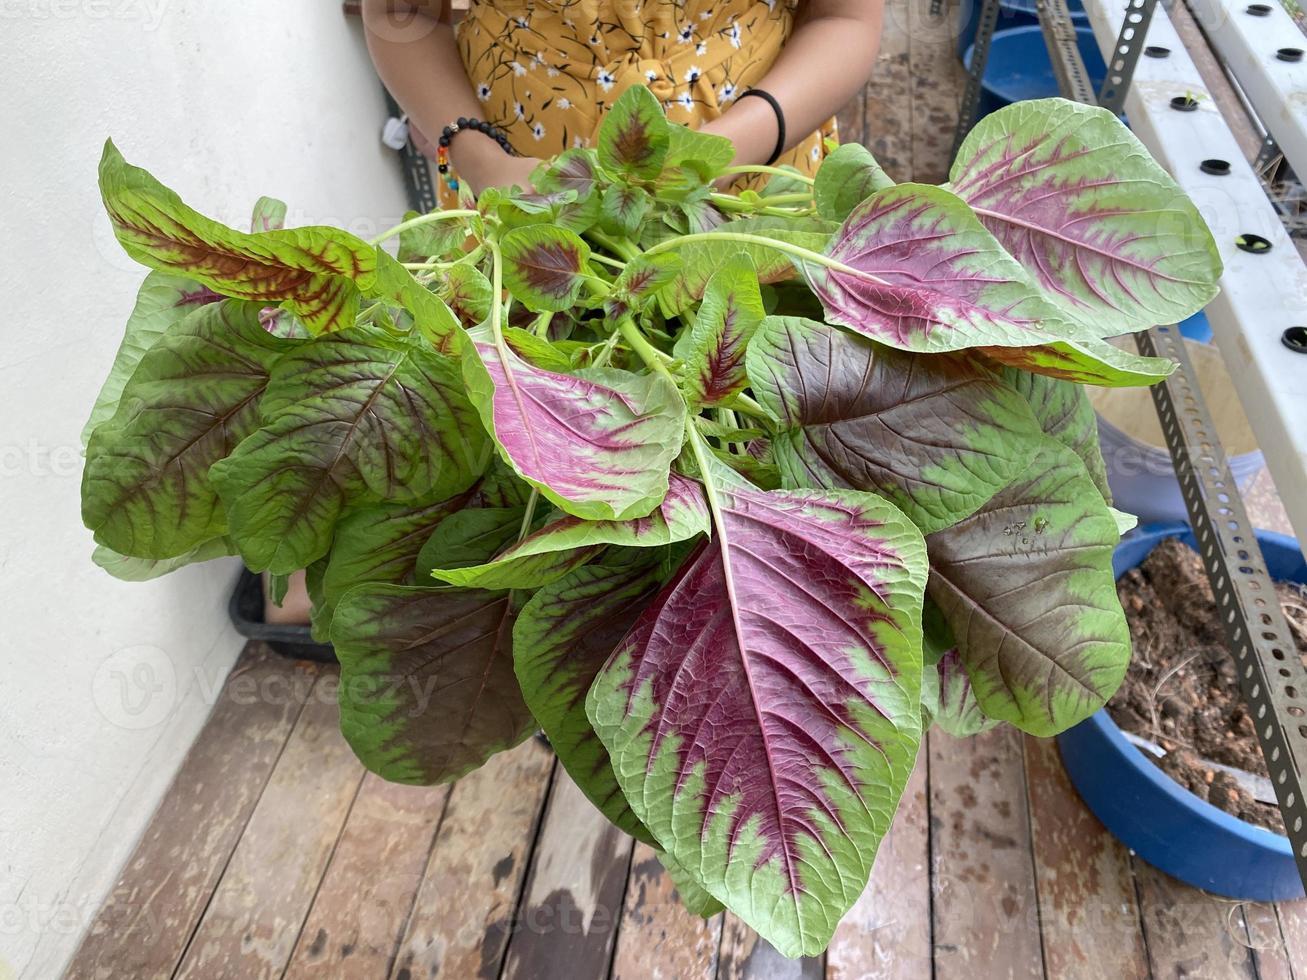 una persona che tiene in mano amaranto di spinaci cinesi appena coltivati usando il sistema idroponico maranth usando il sistema idroponico foto